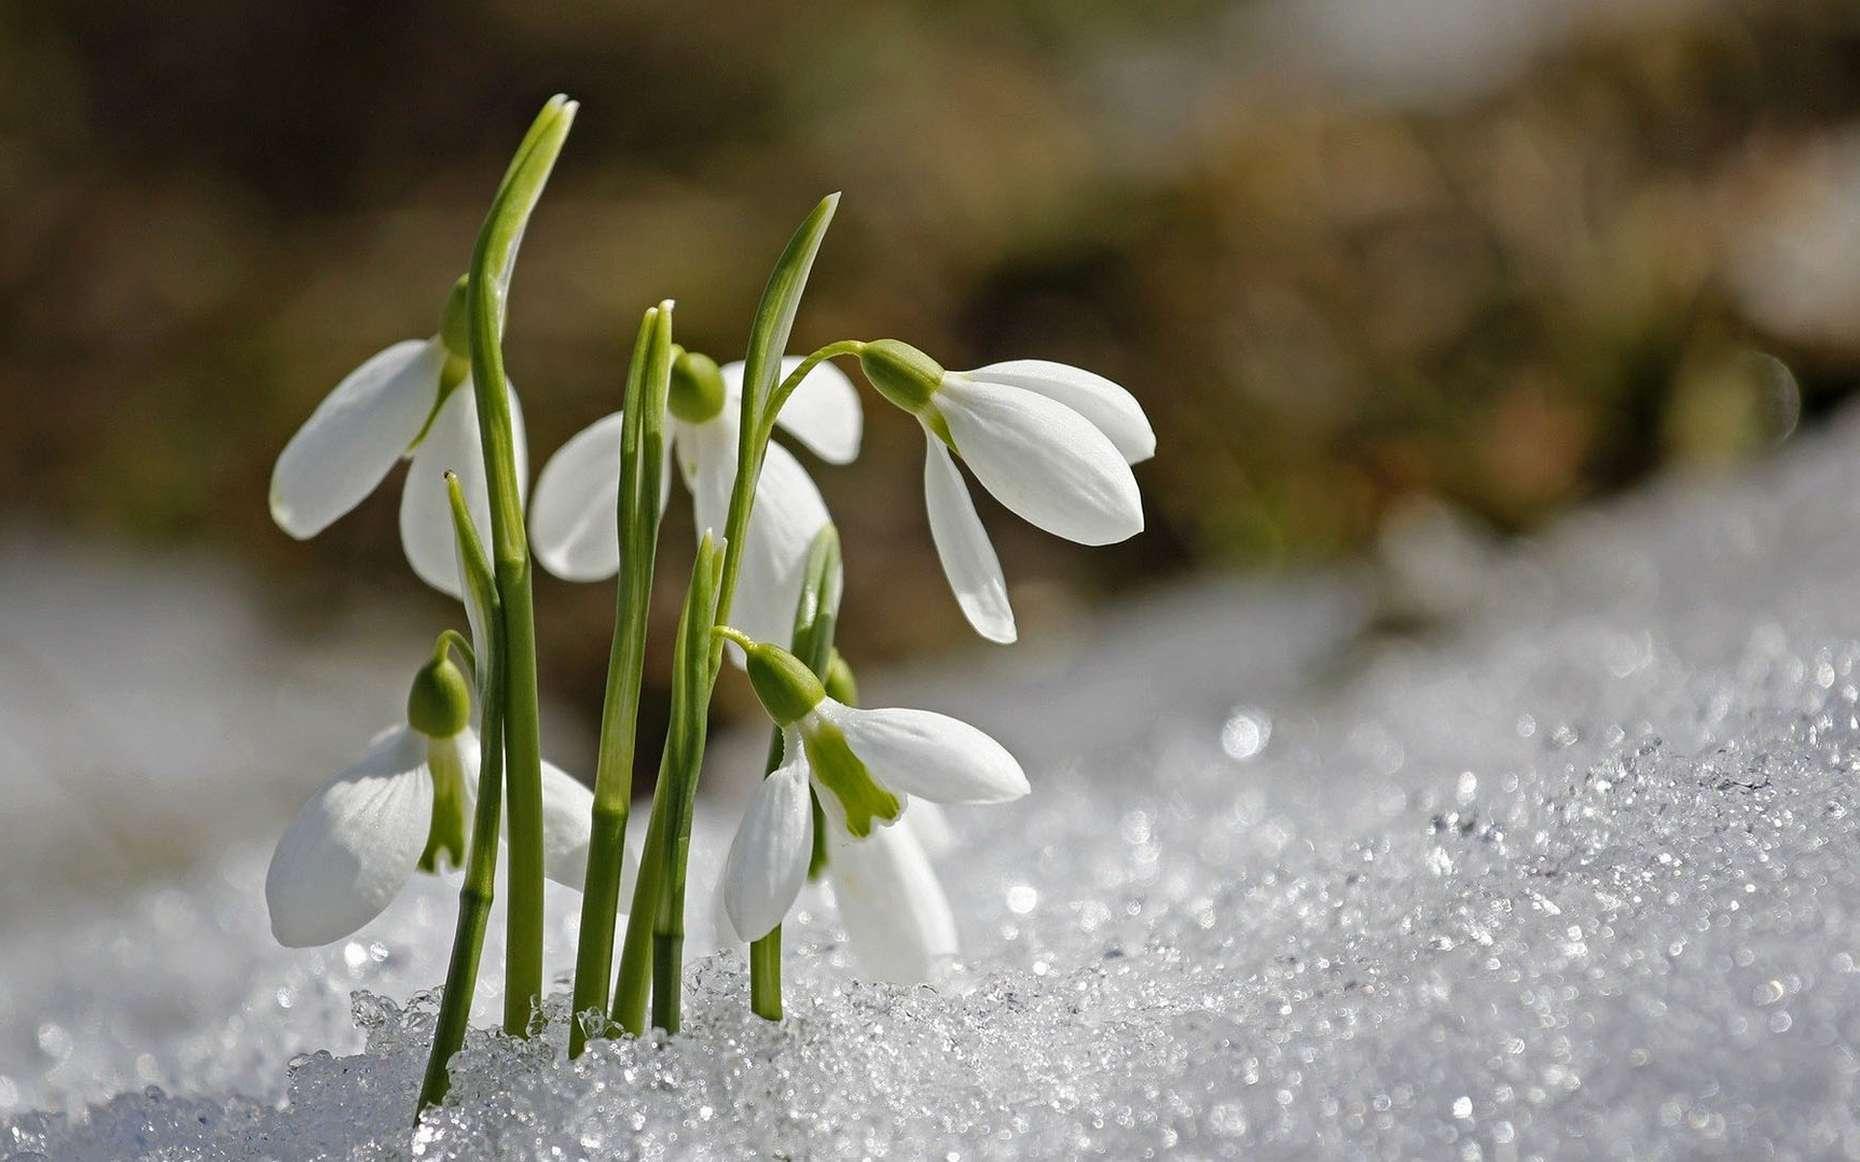 Perce-neige dans la glace. © Sunflair, Pixabay, DP